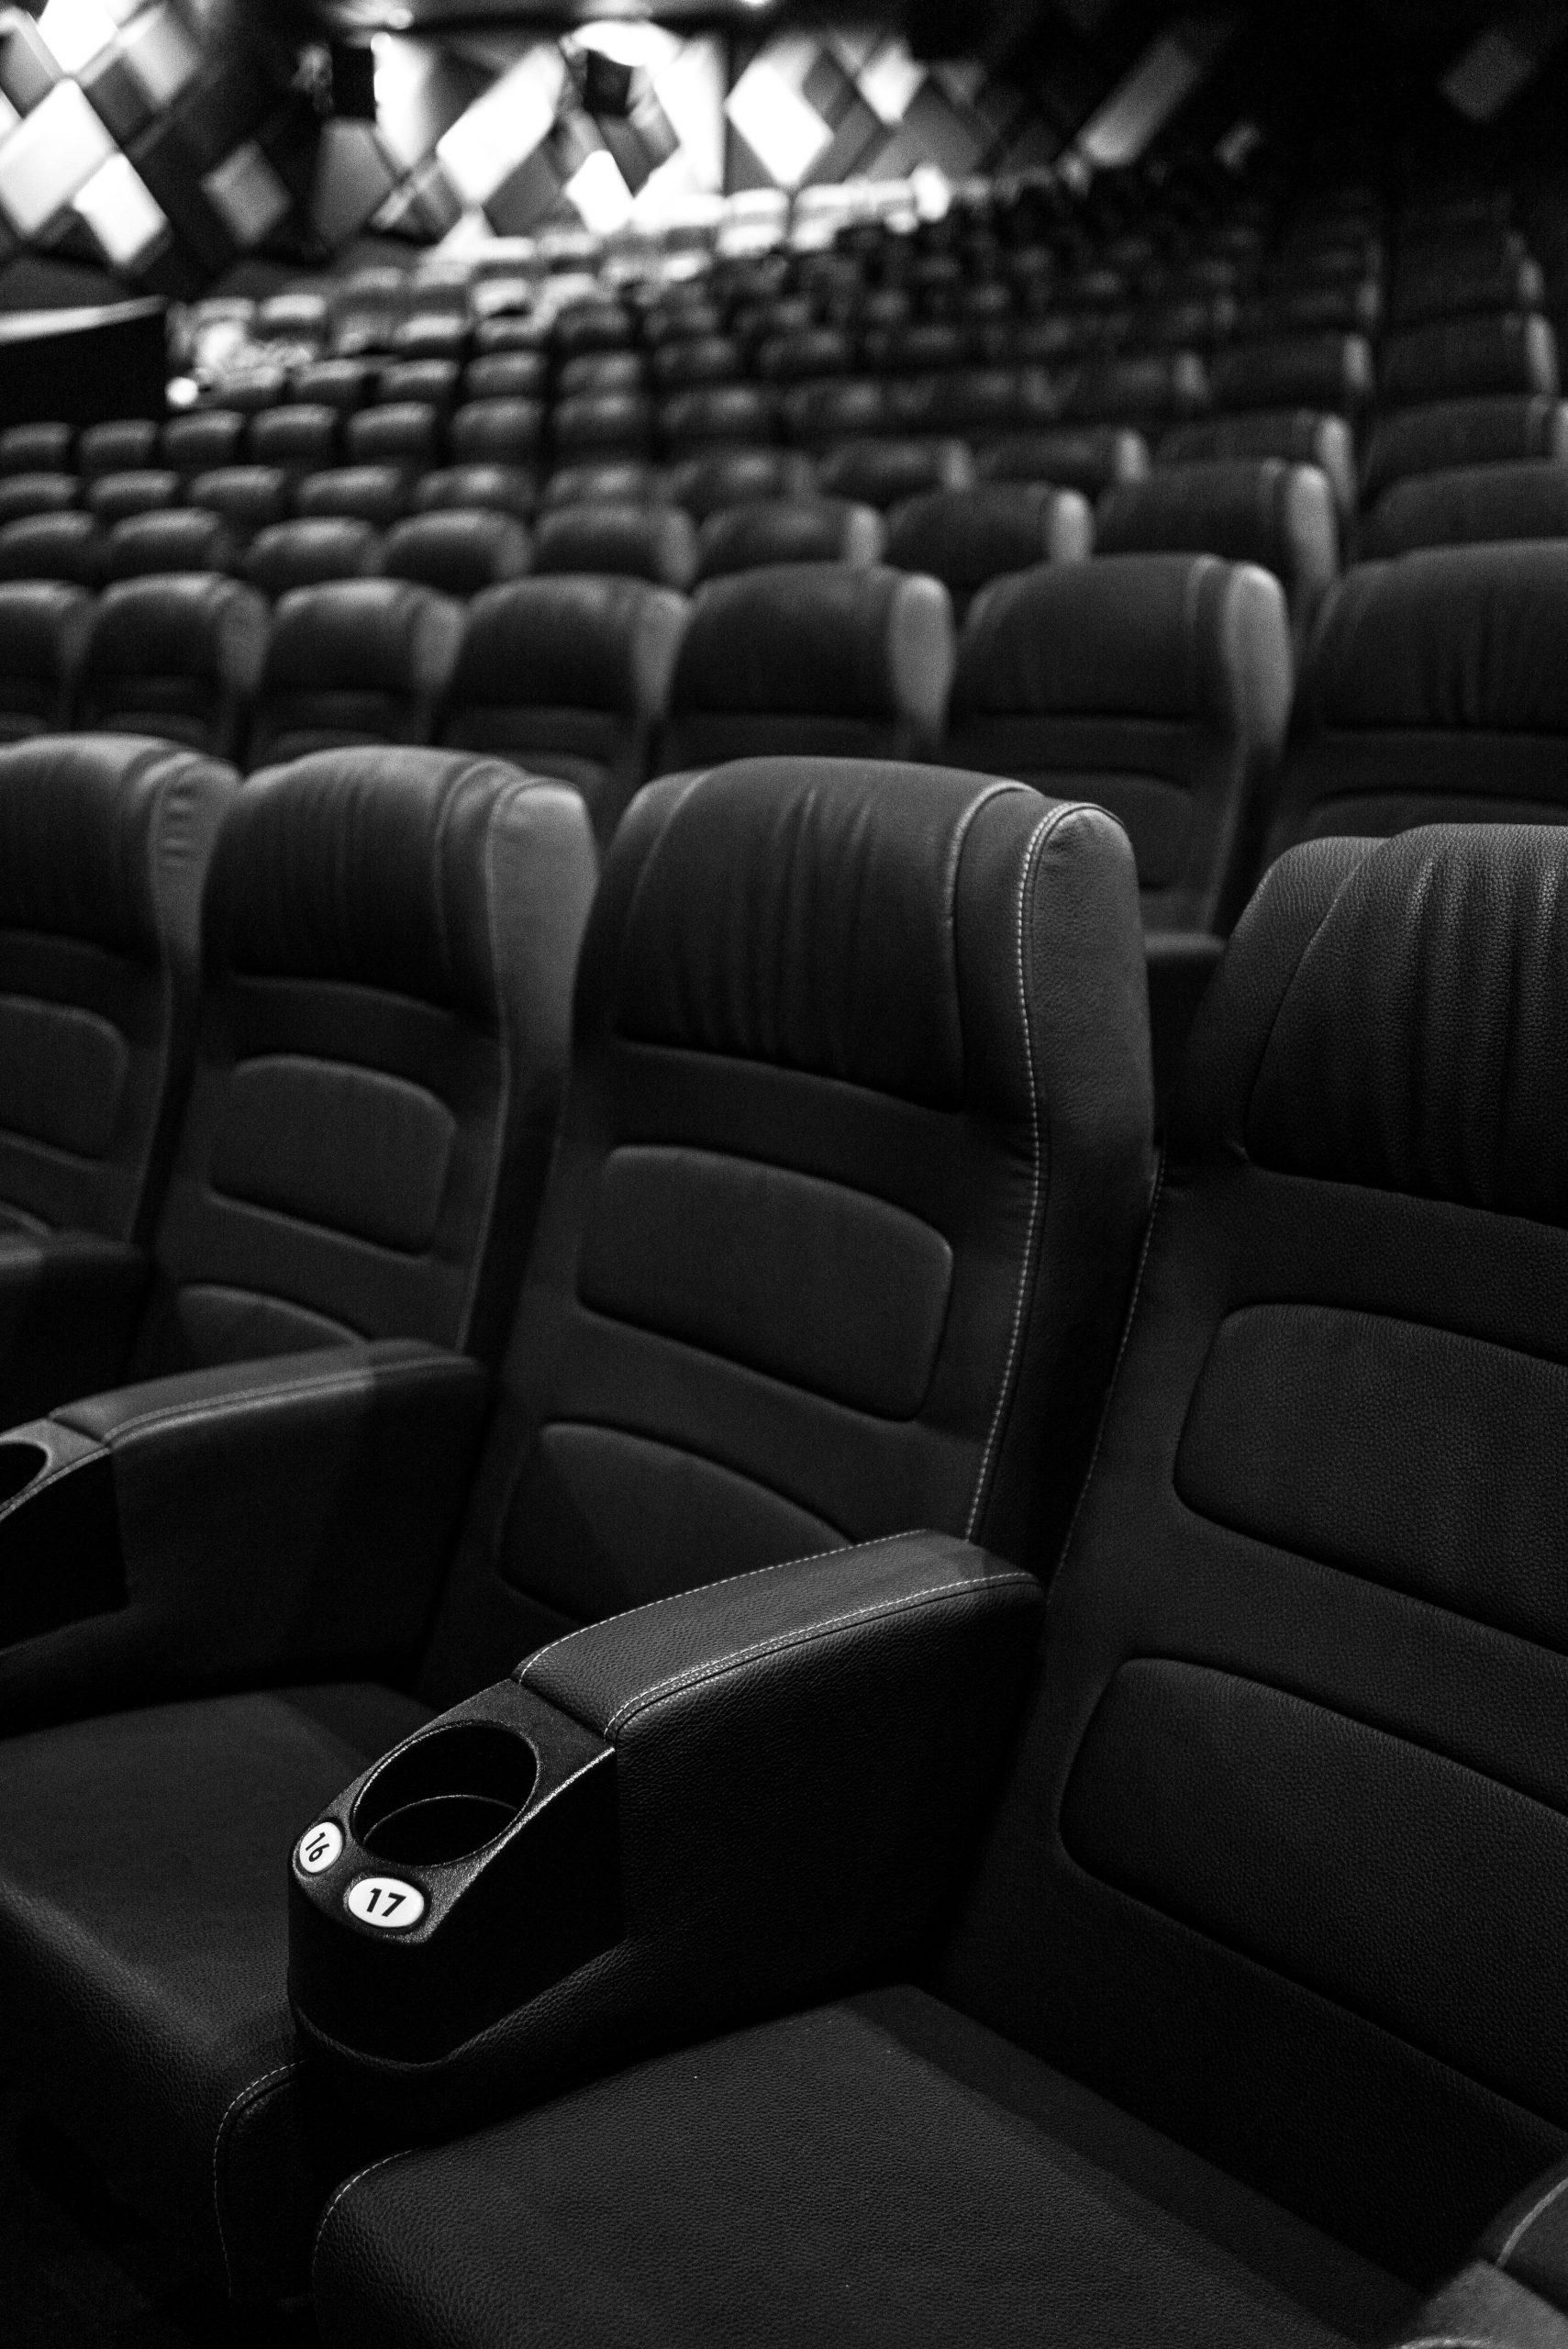 Lei do Cinema é atualizada e inclui novas taxas e obrigações de investimento